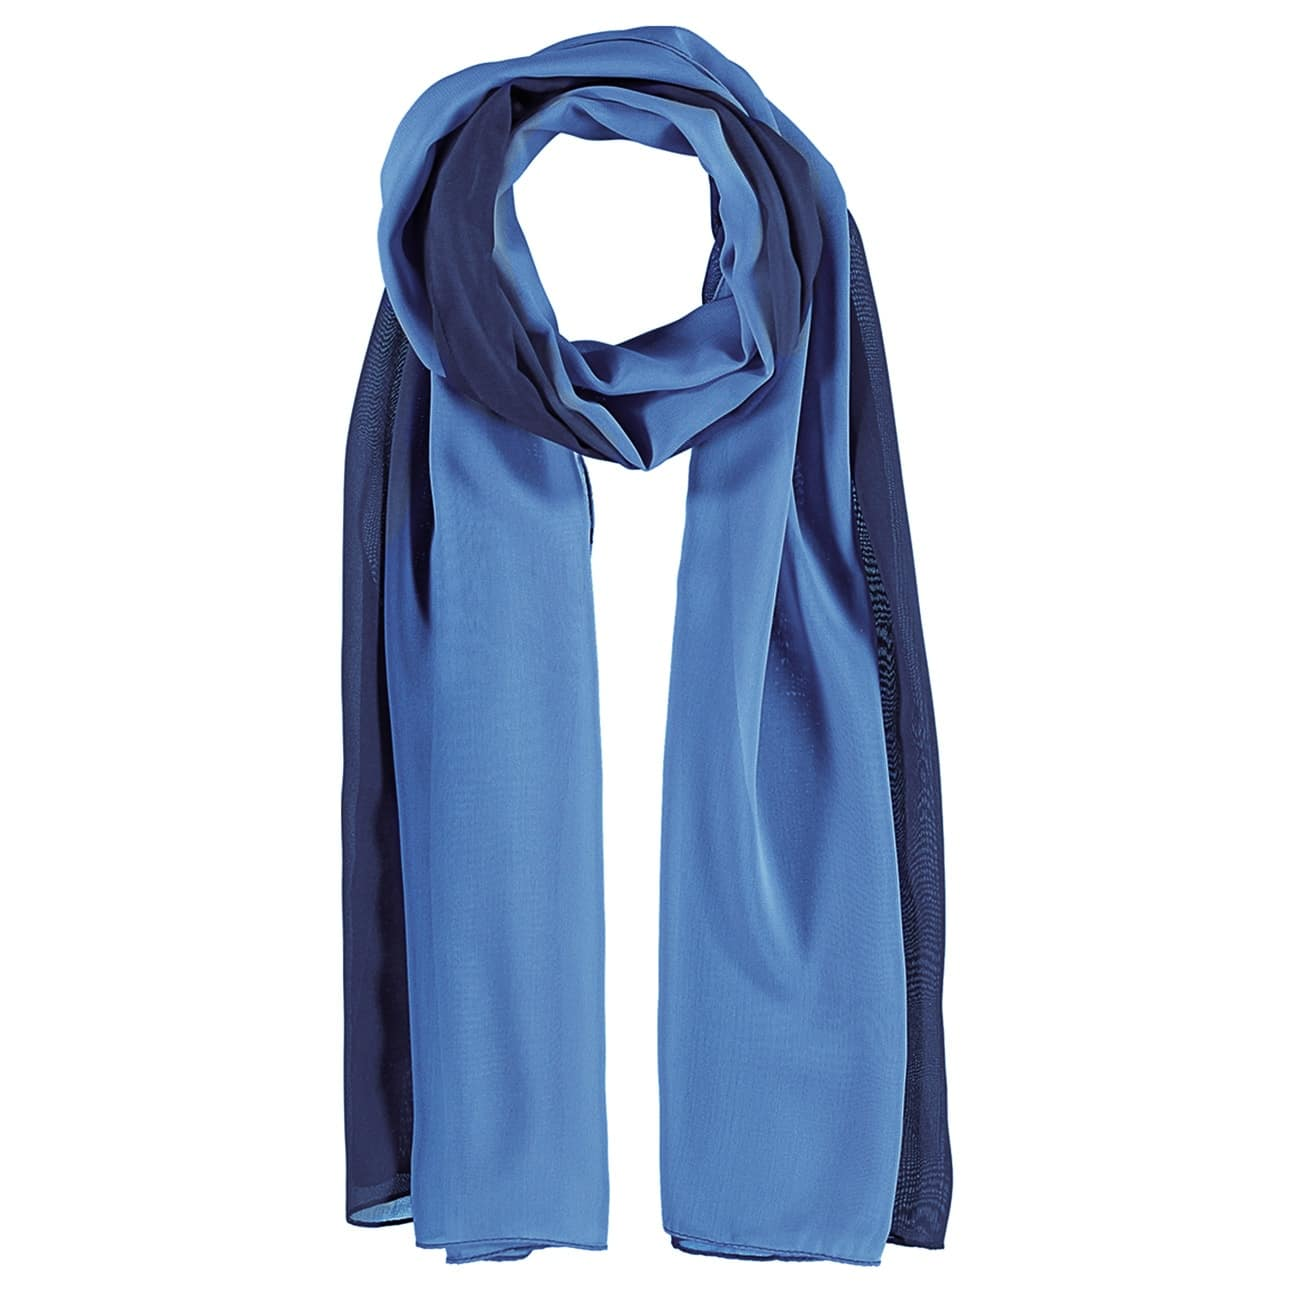 charpe Coloured Chiffon by Passigatti  foulard d't